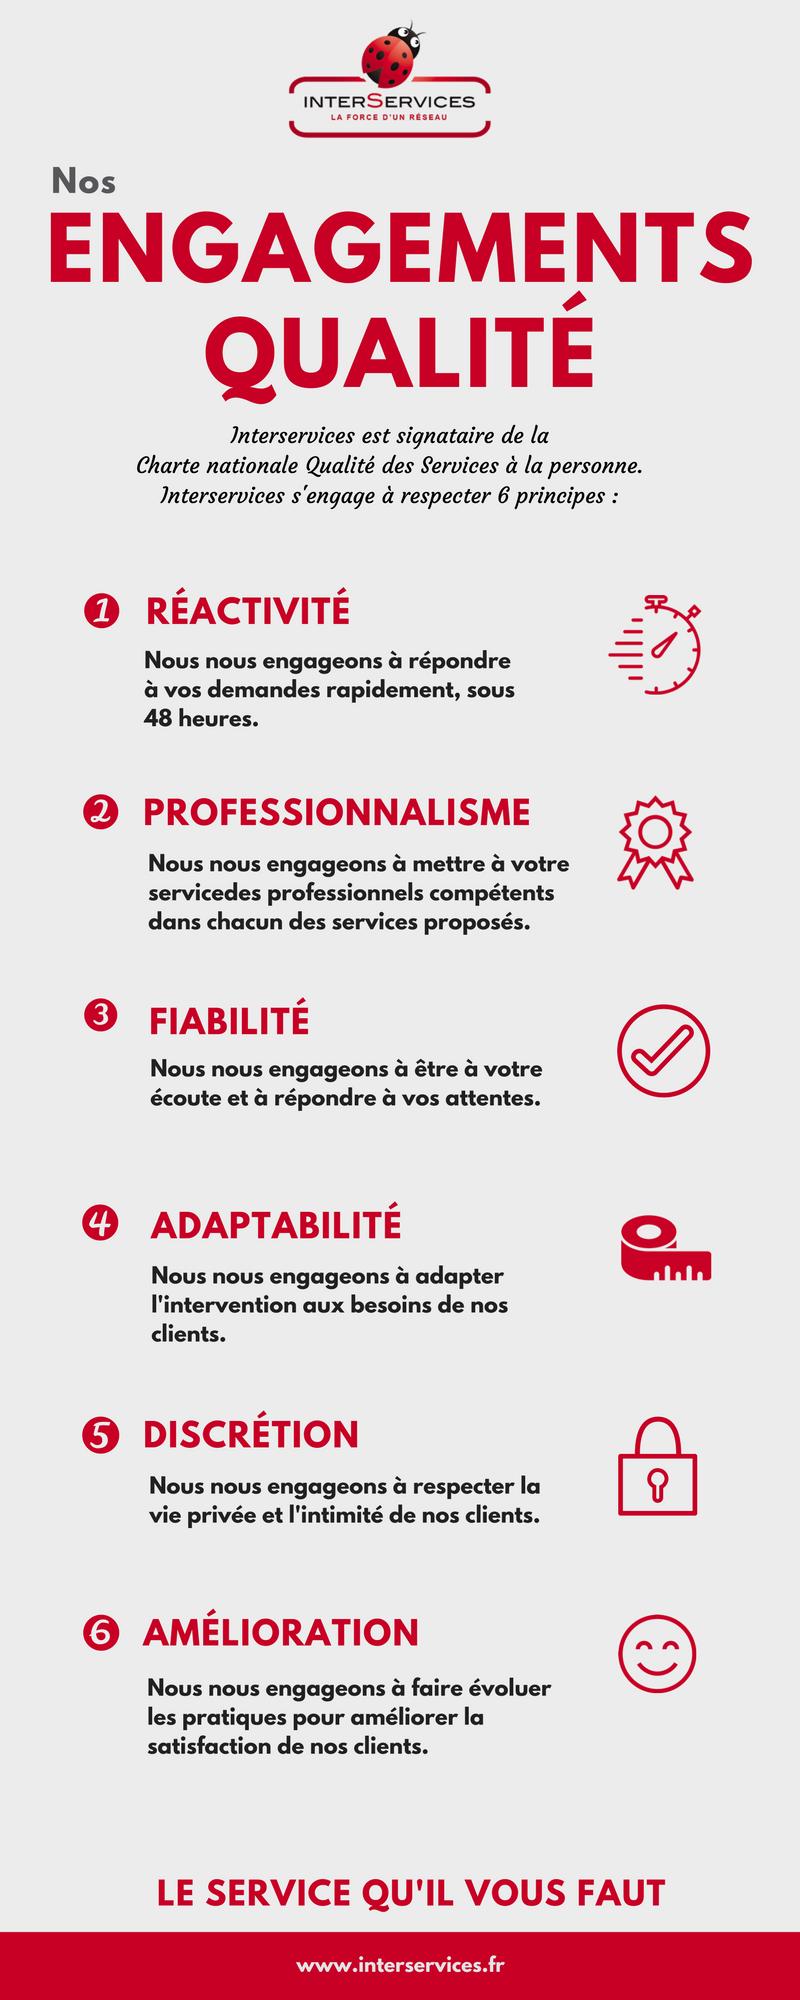 engagements-qualité-interservices